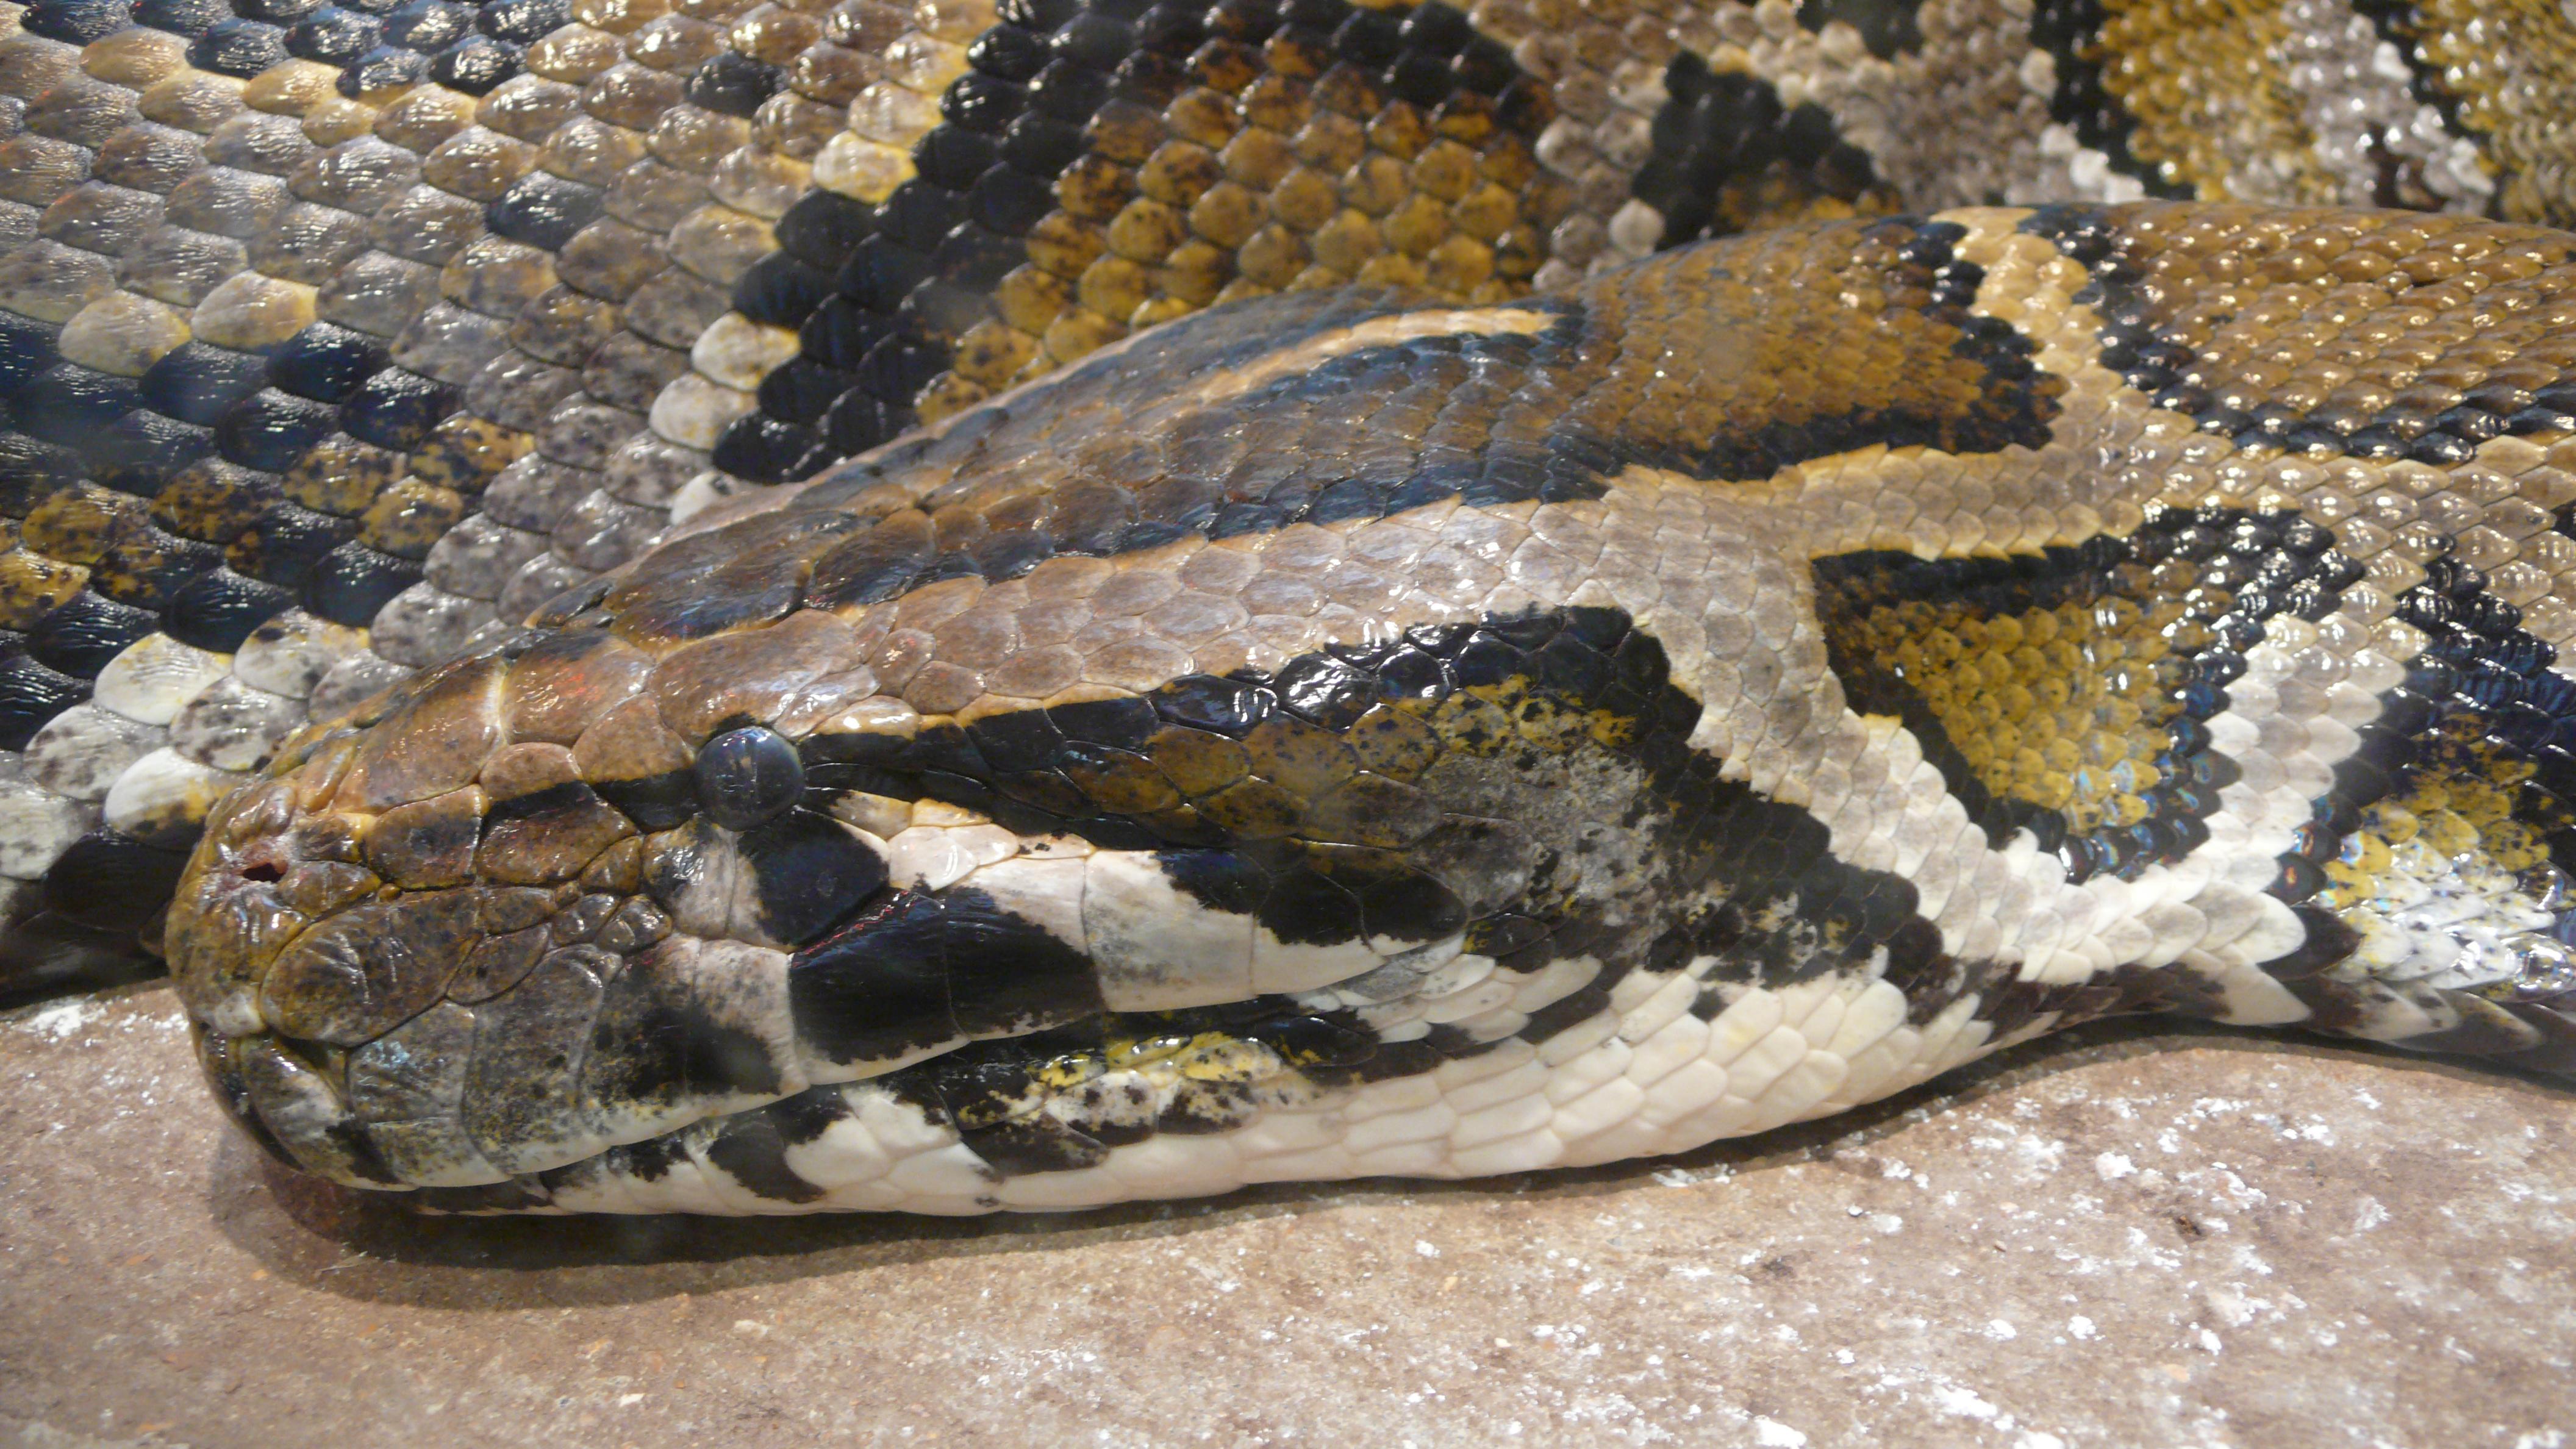 Dos serpientes abandonadas en plena calle en Newmarket